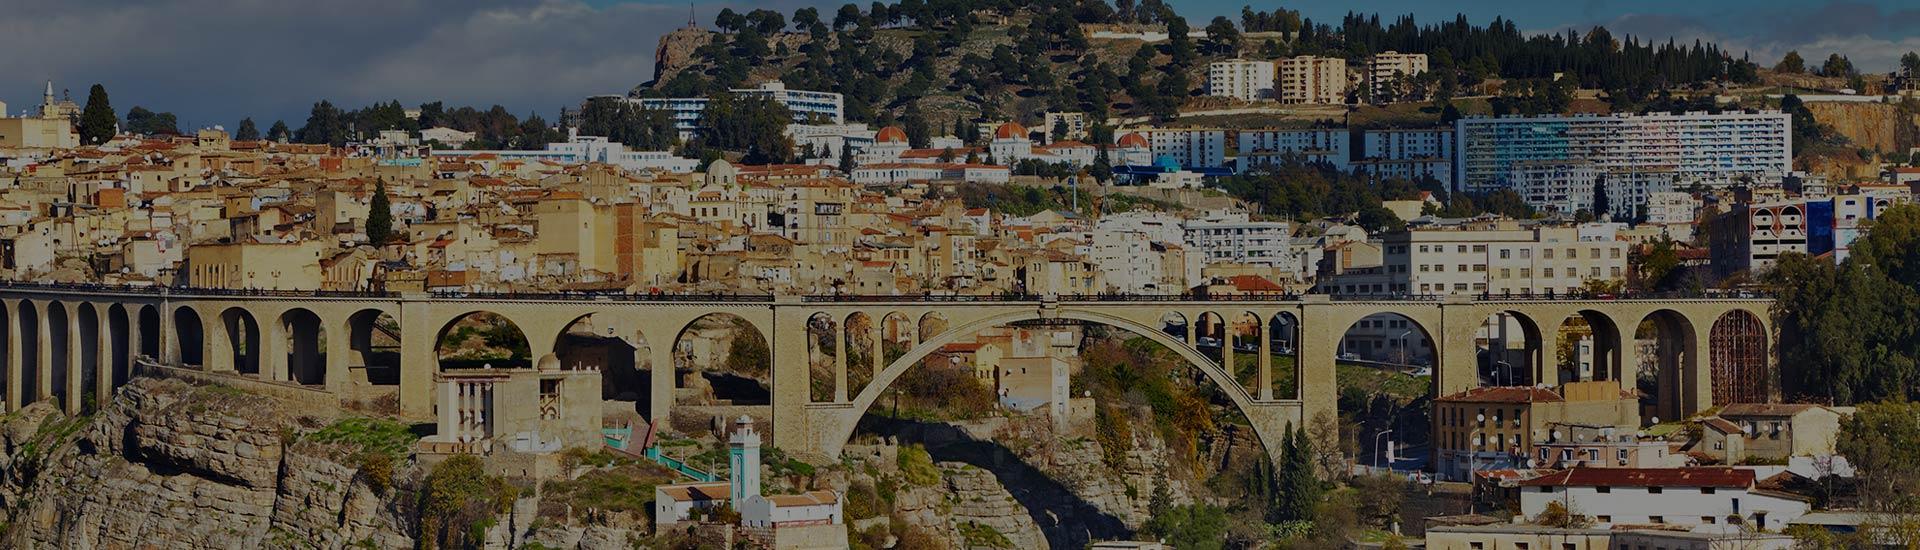 Logistikunternehmen Algerien Constantine